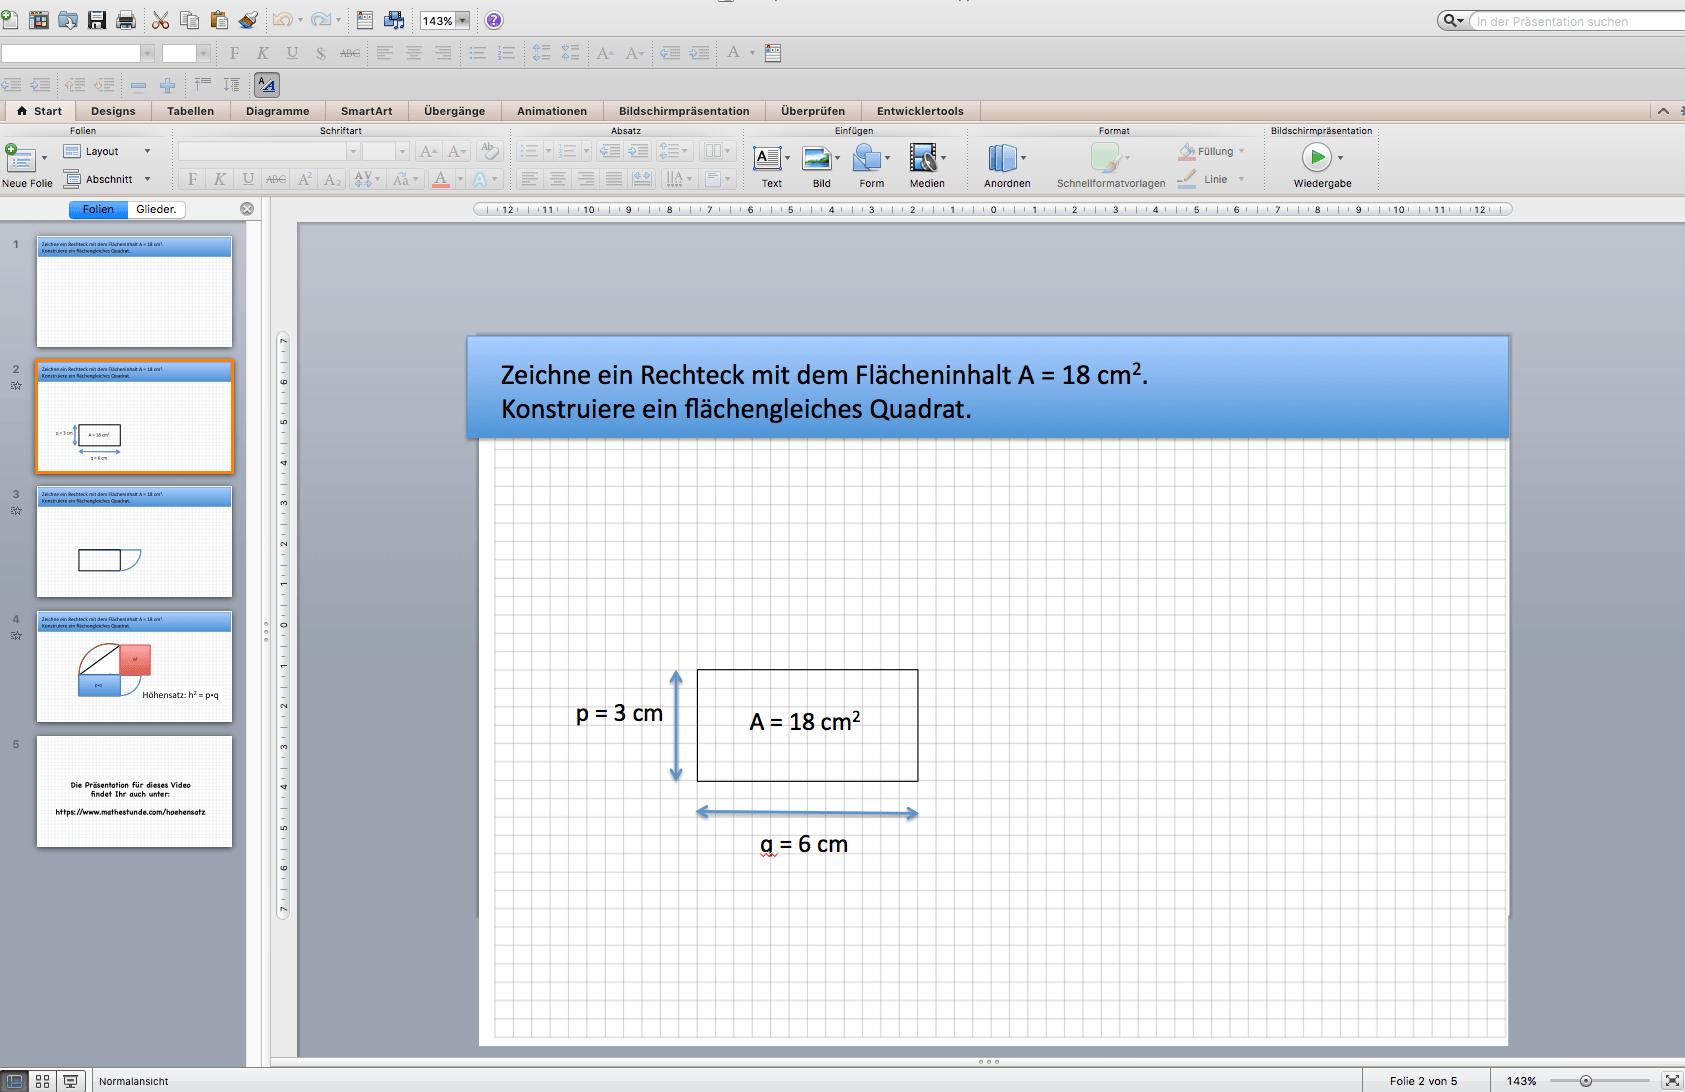 Rechteck wird flächengleiches Quadrat - Anwendung des Höhensatzes